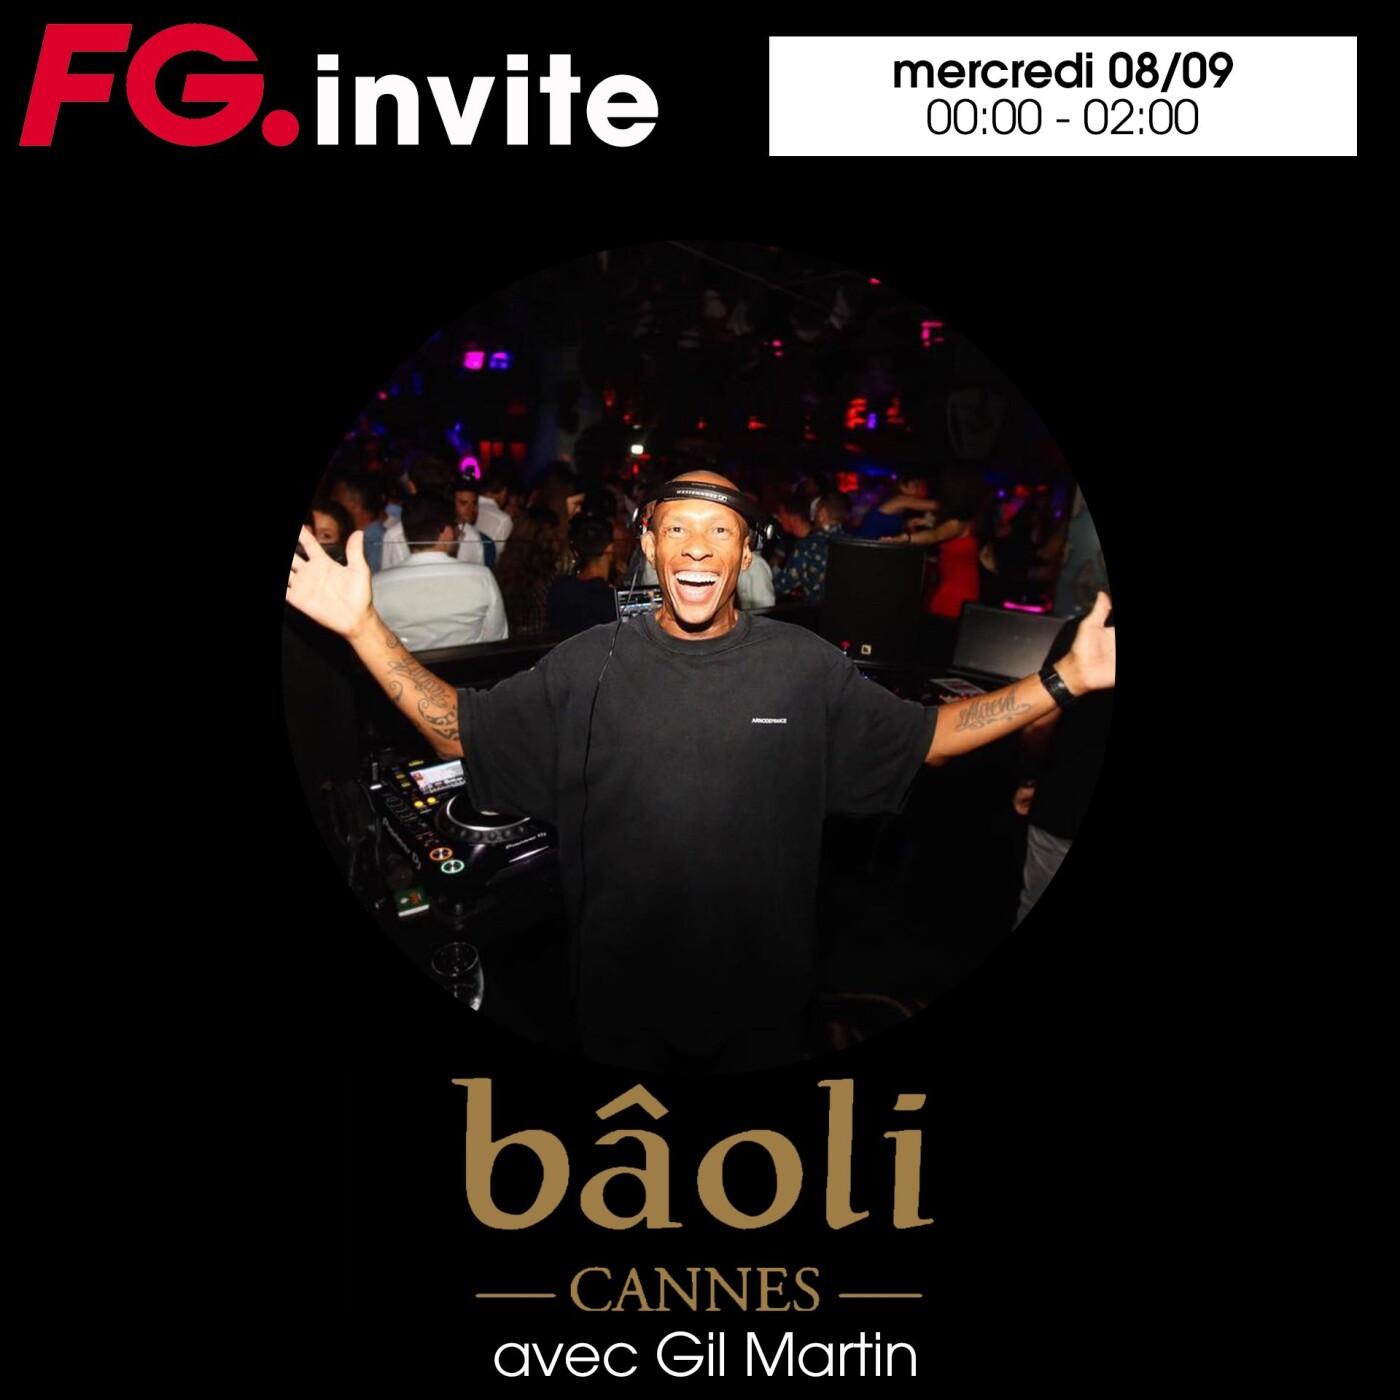 FG INVITE : LE BAOLI DE CANNES